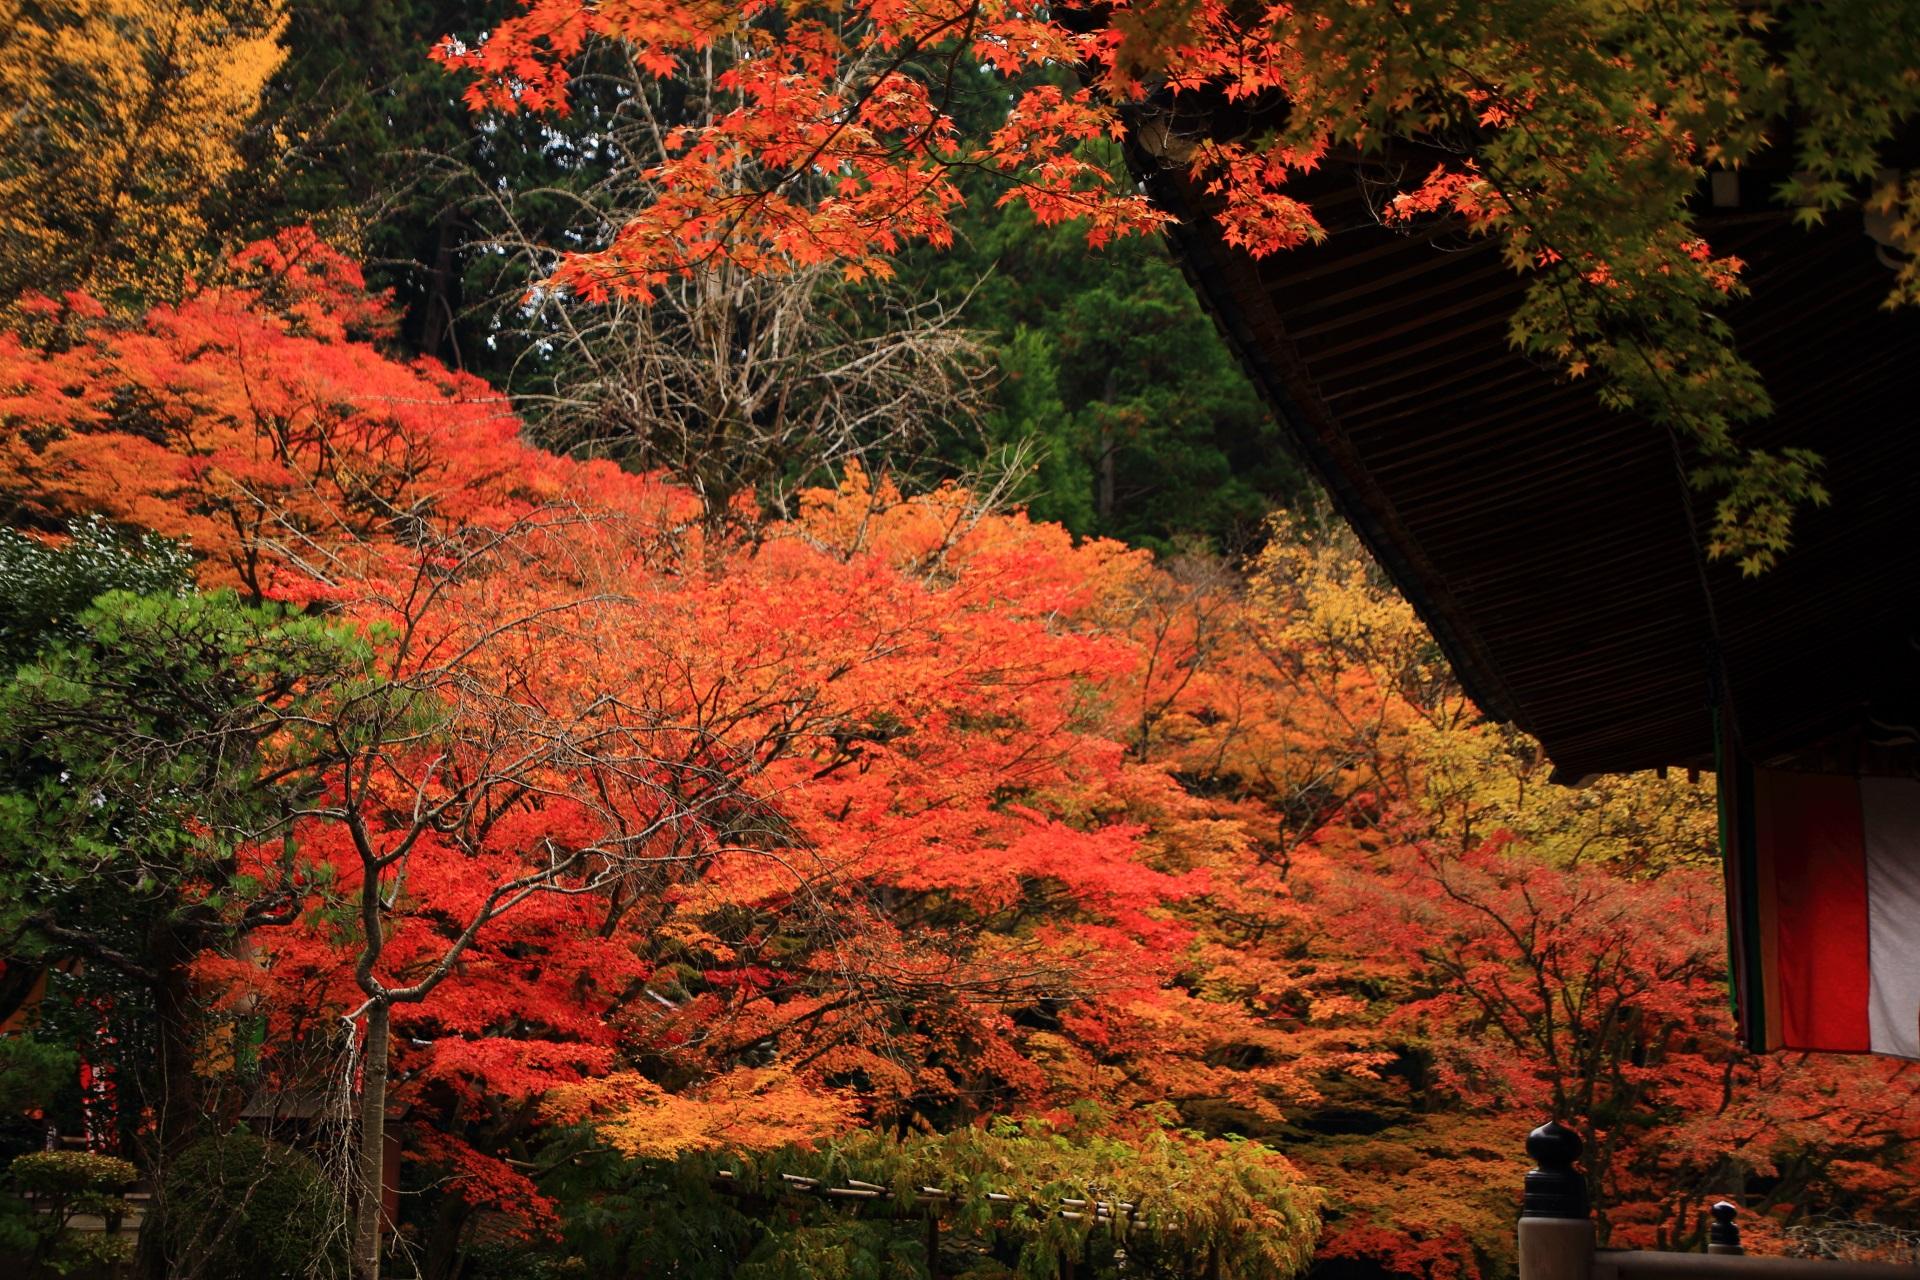 本堂裏から眺めたまだまだ見ごろが続く大師堂の紅葉